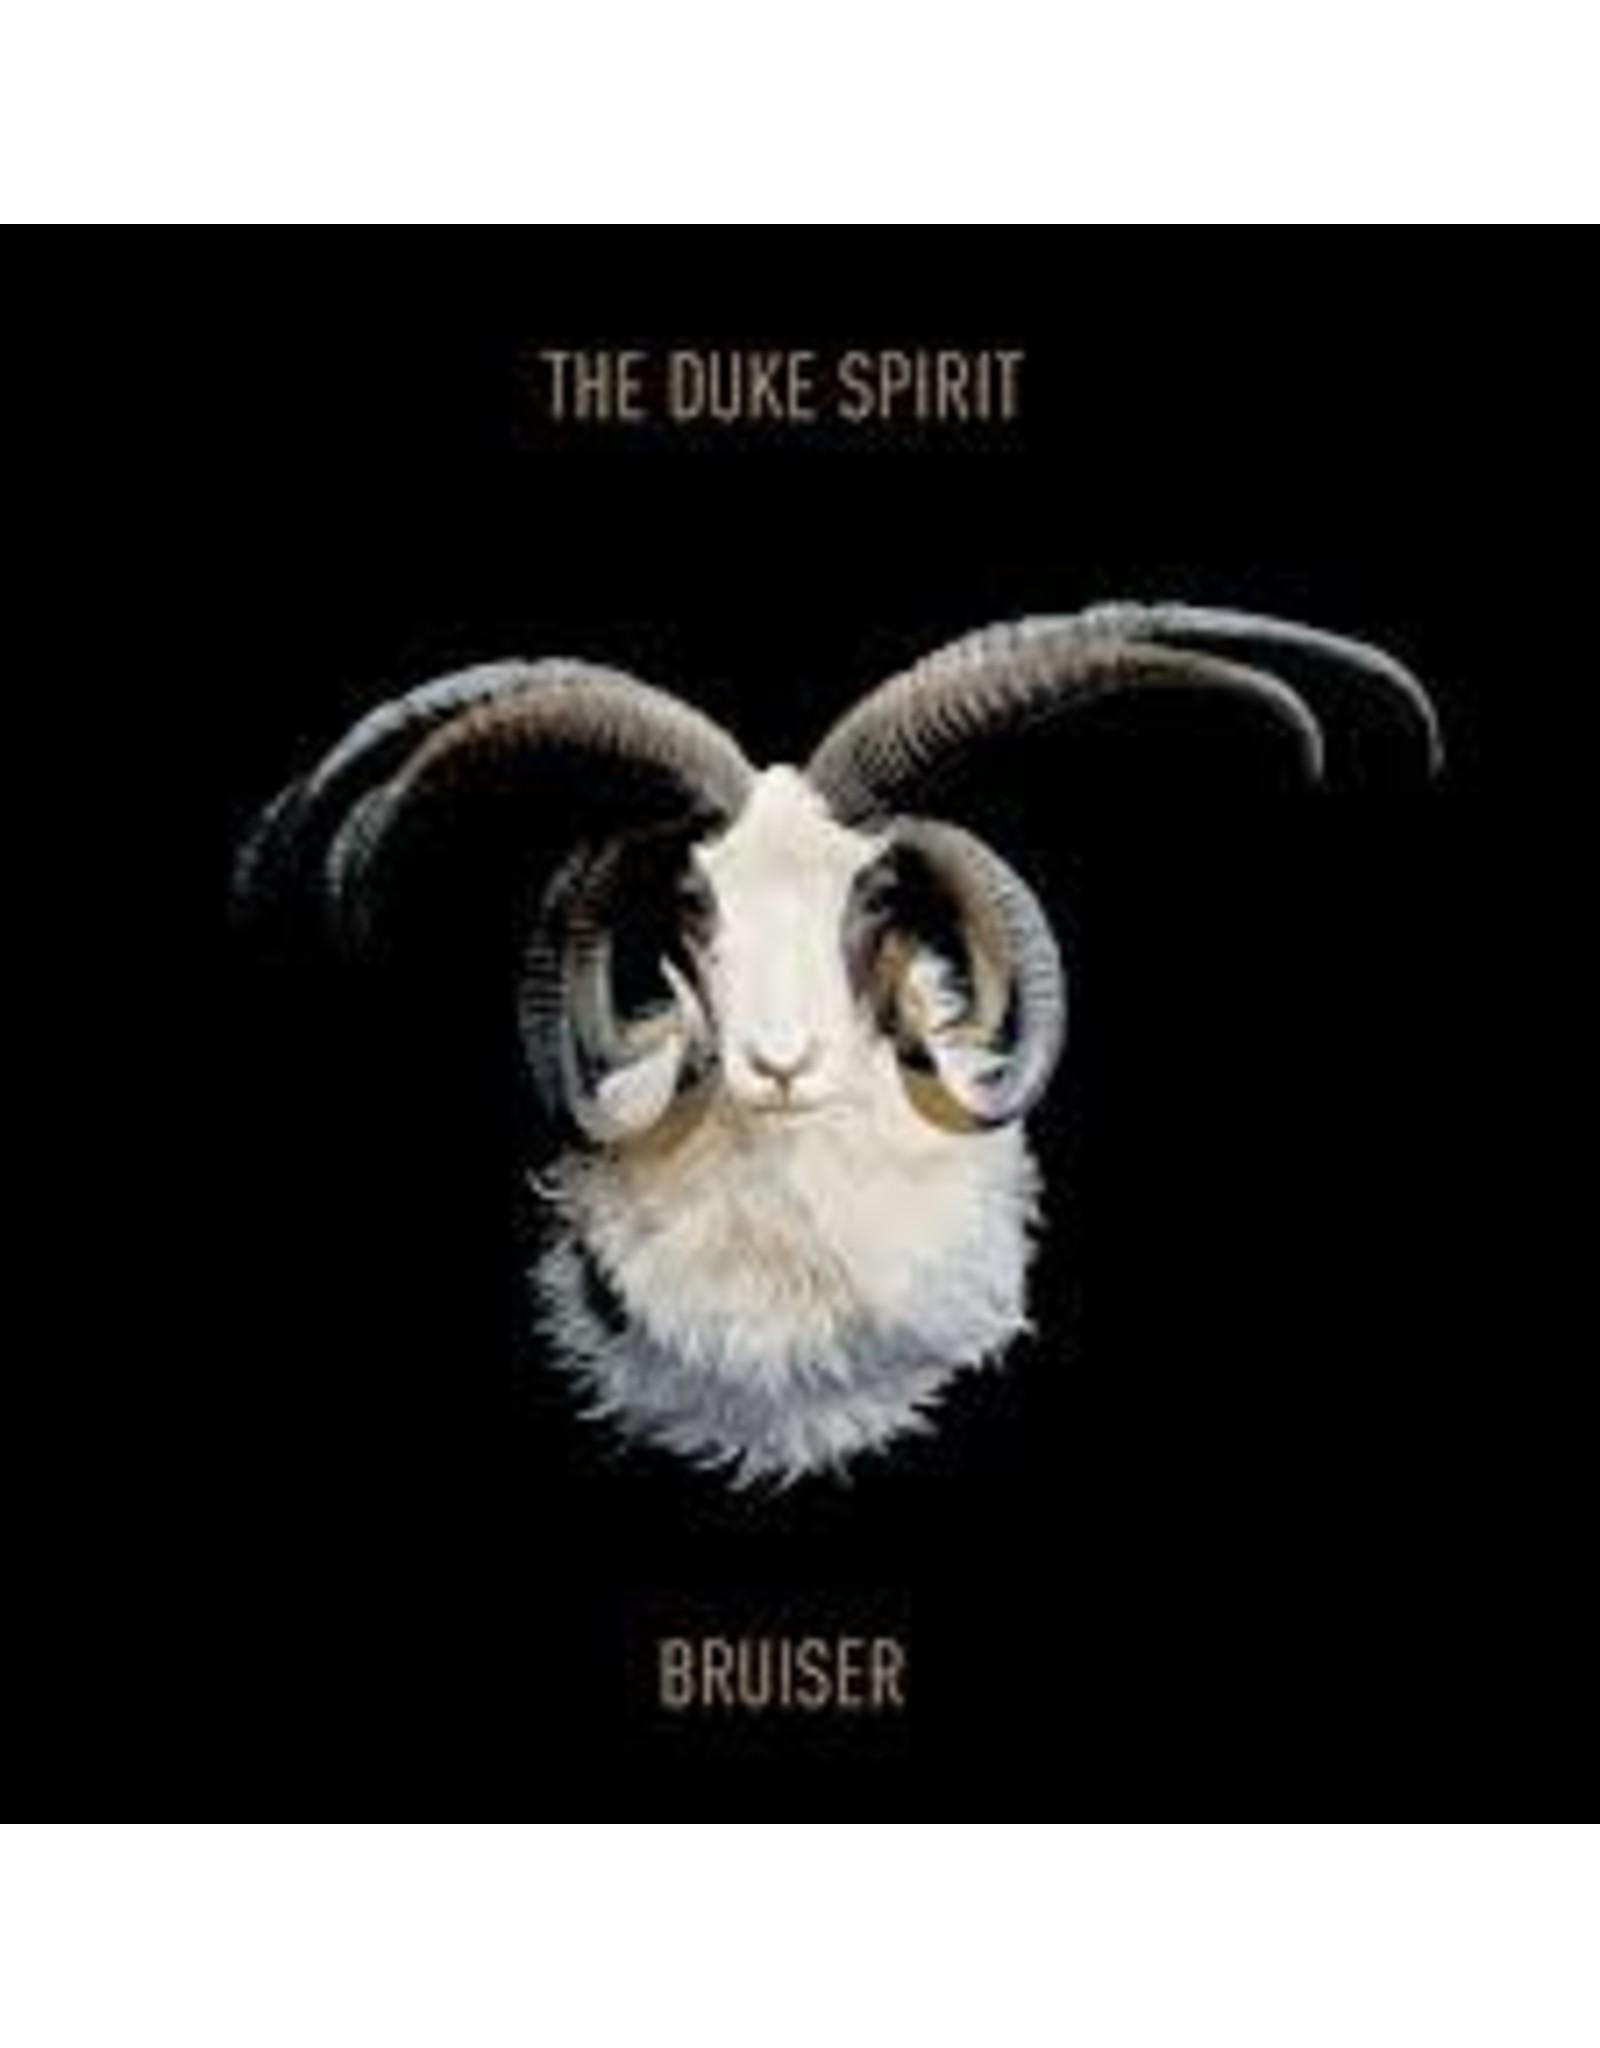 Duke Spirit, The - Bruiser CD